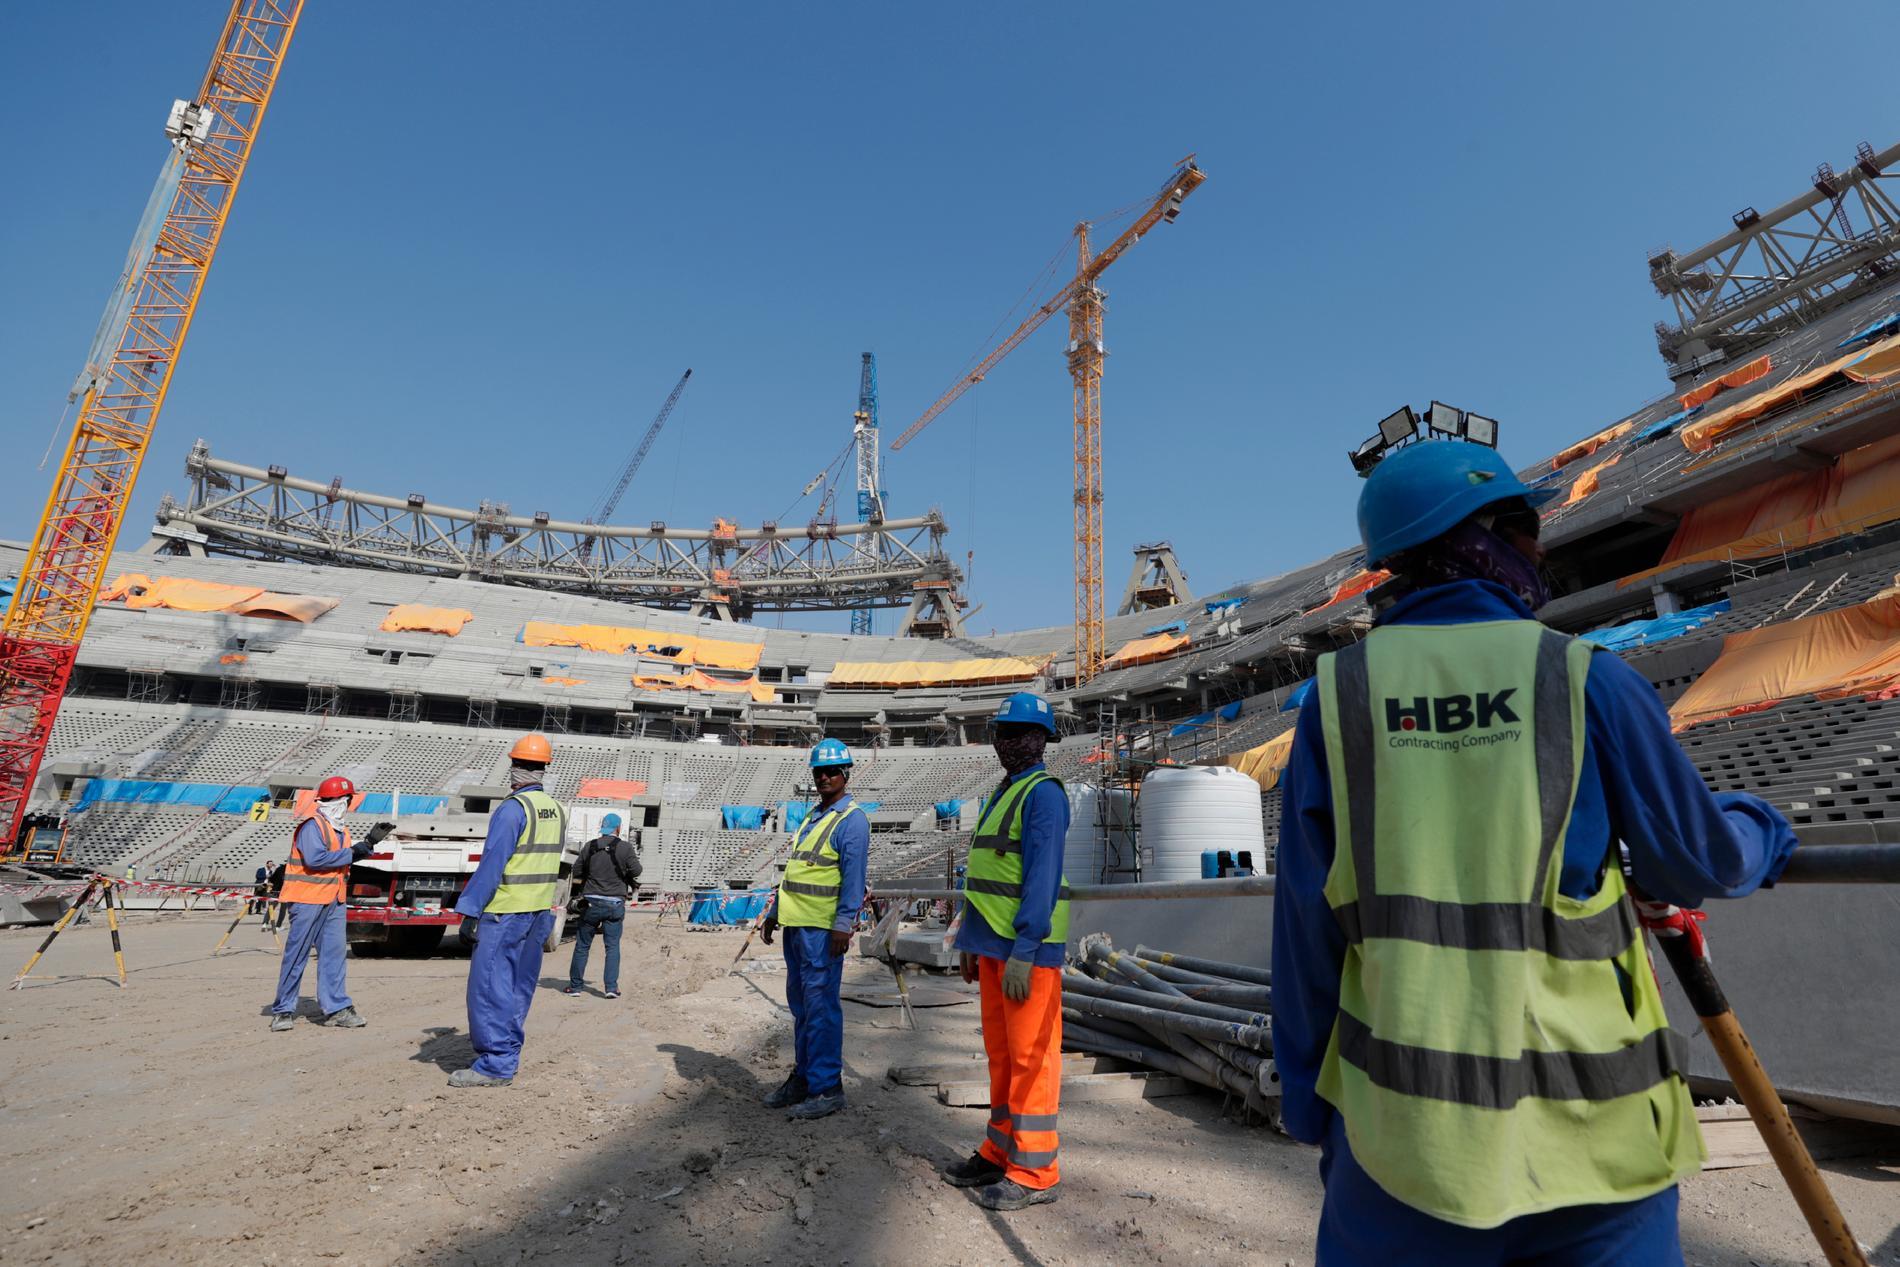 Tusentals arbetare har dött under det pågående arbetet med att bygga arenor i Qatar, uppger The Guardian.